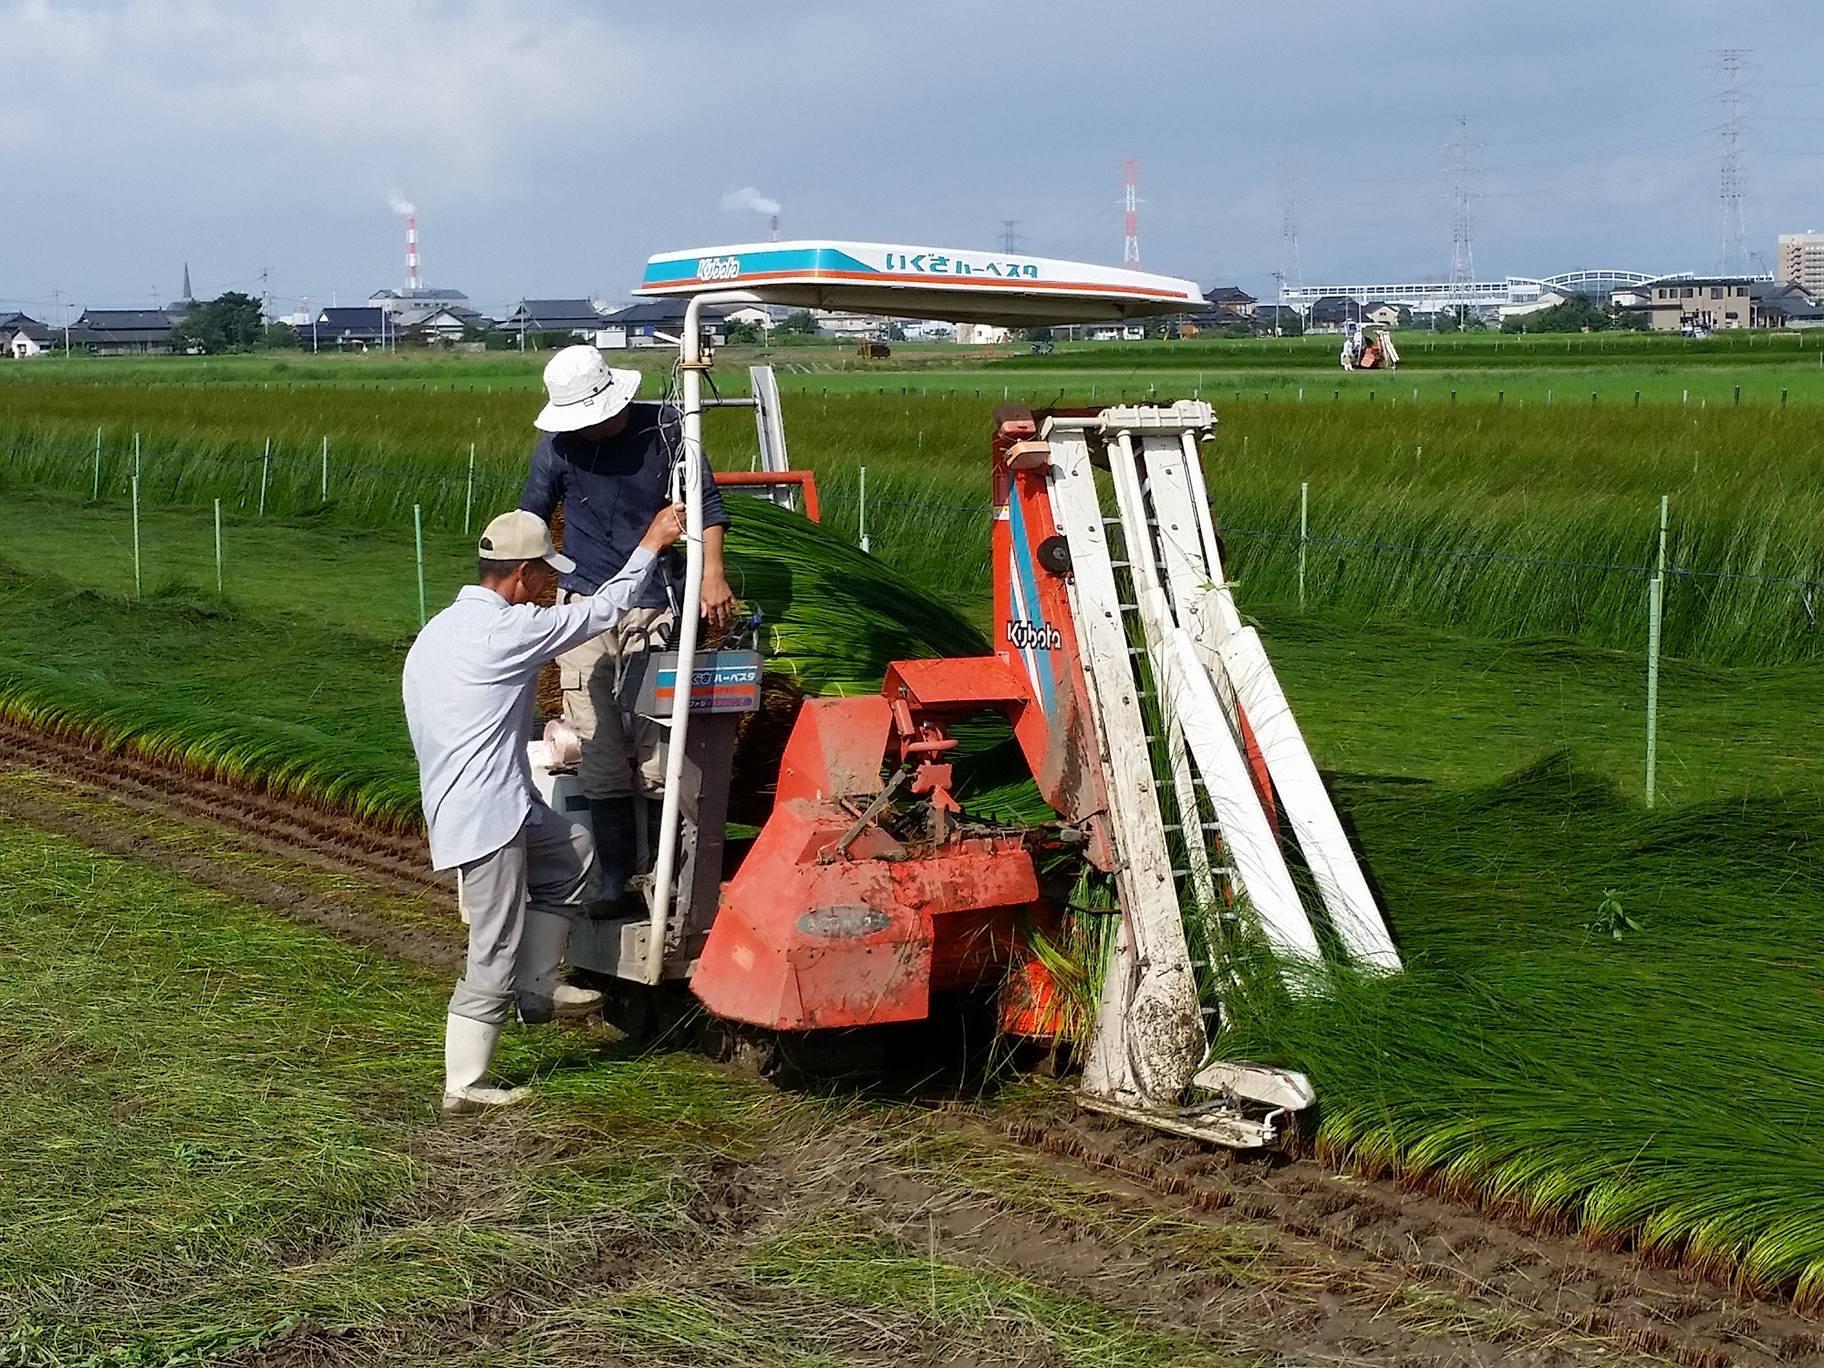 刈り取り機は真っ直ぐ進めるのに気を使います